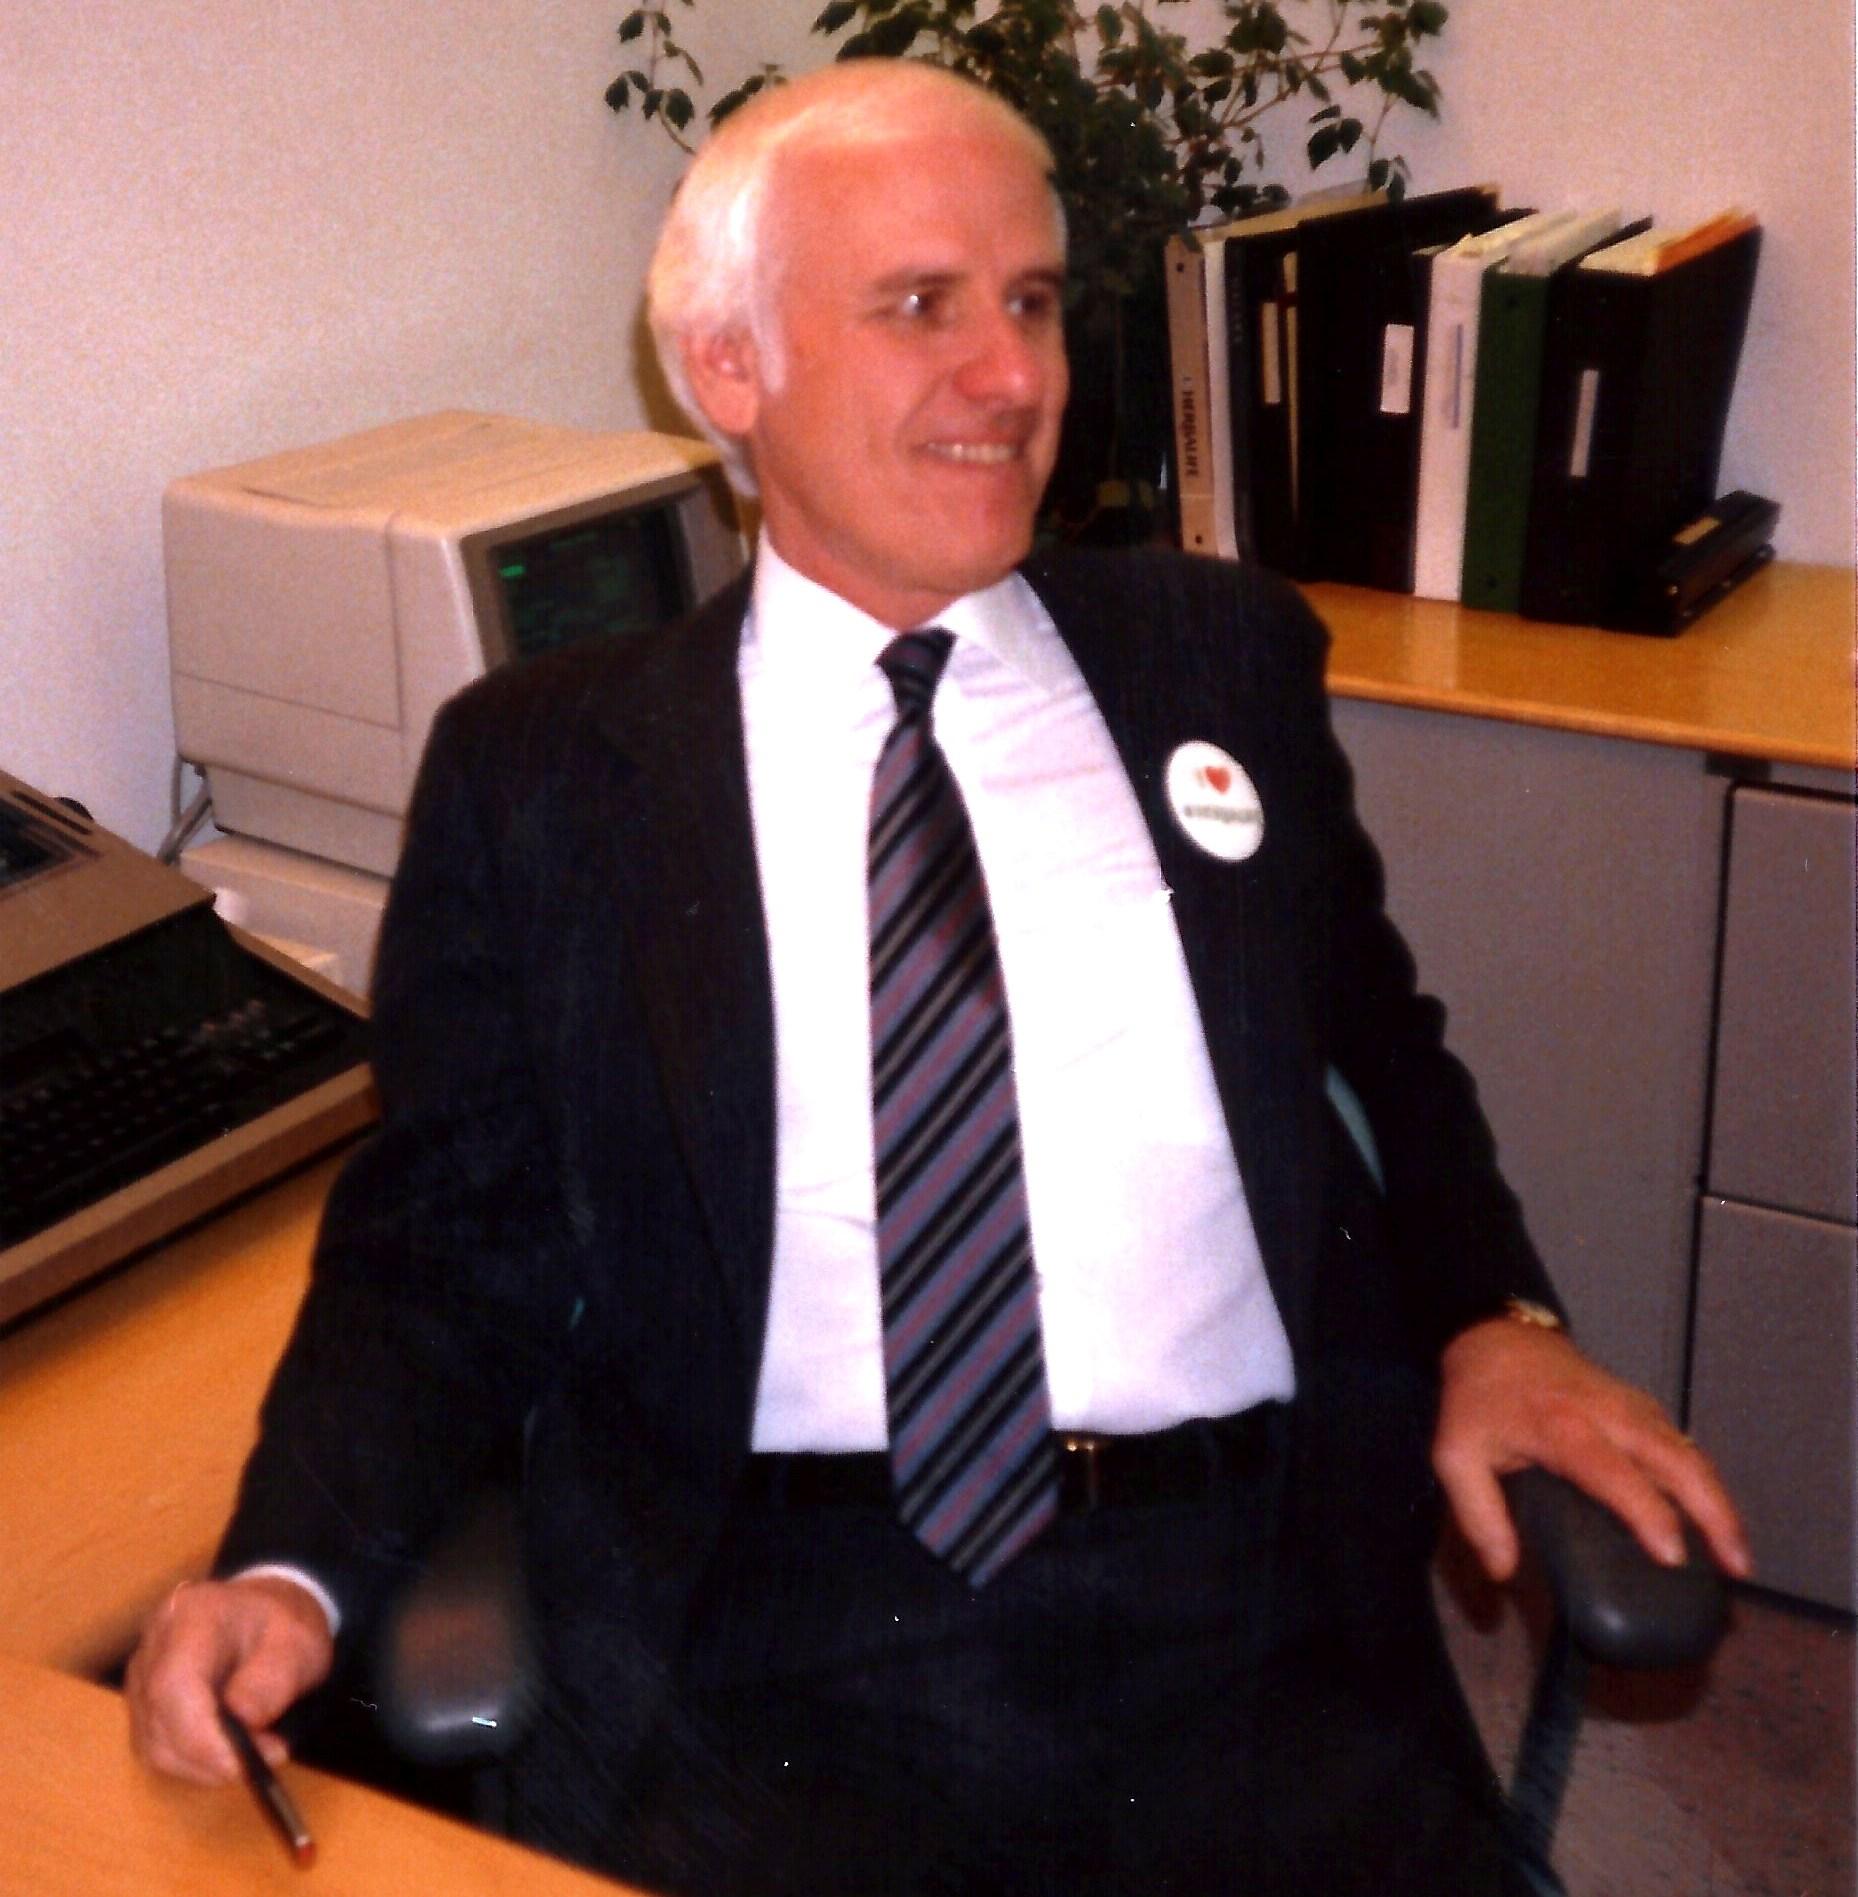 Jim Rohn by Paul Hopfensperger - Herbalife HQ Los Angeles 1988